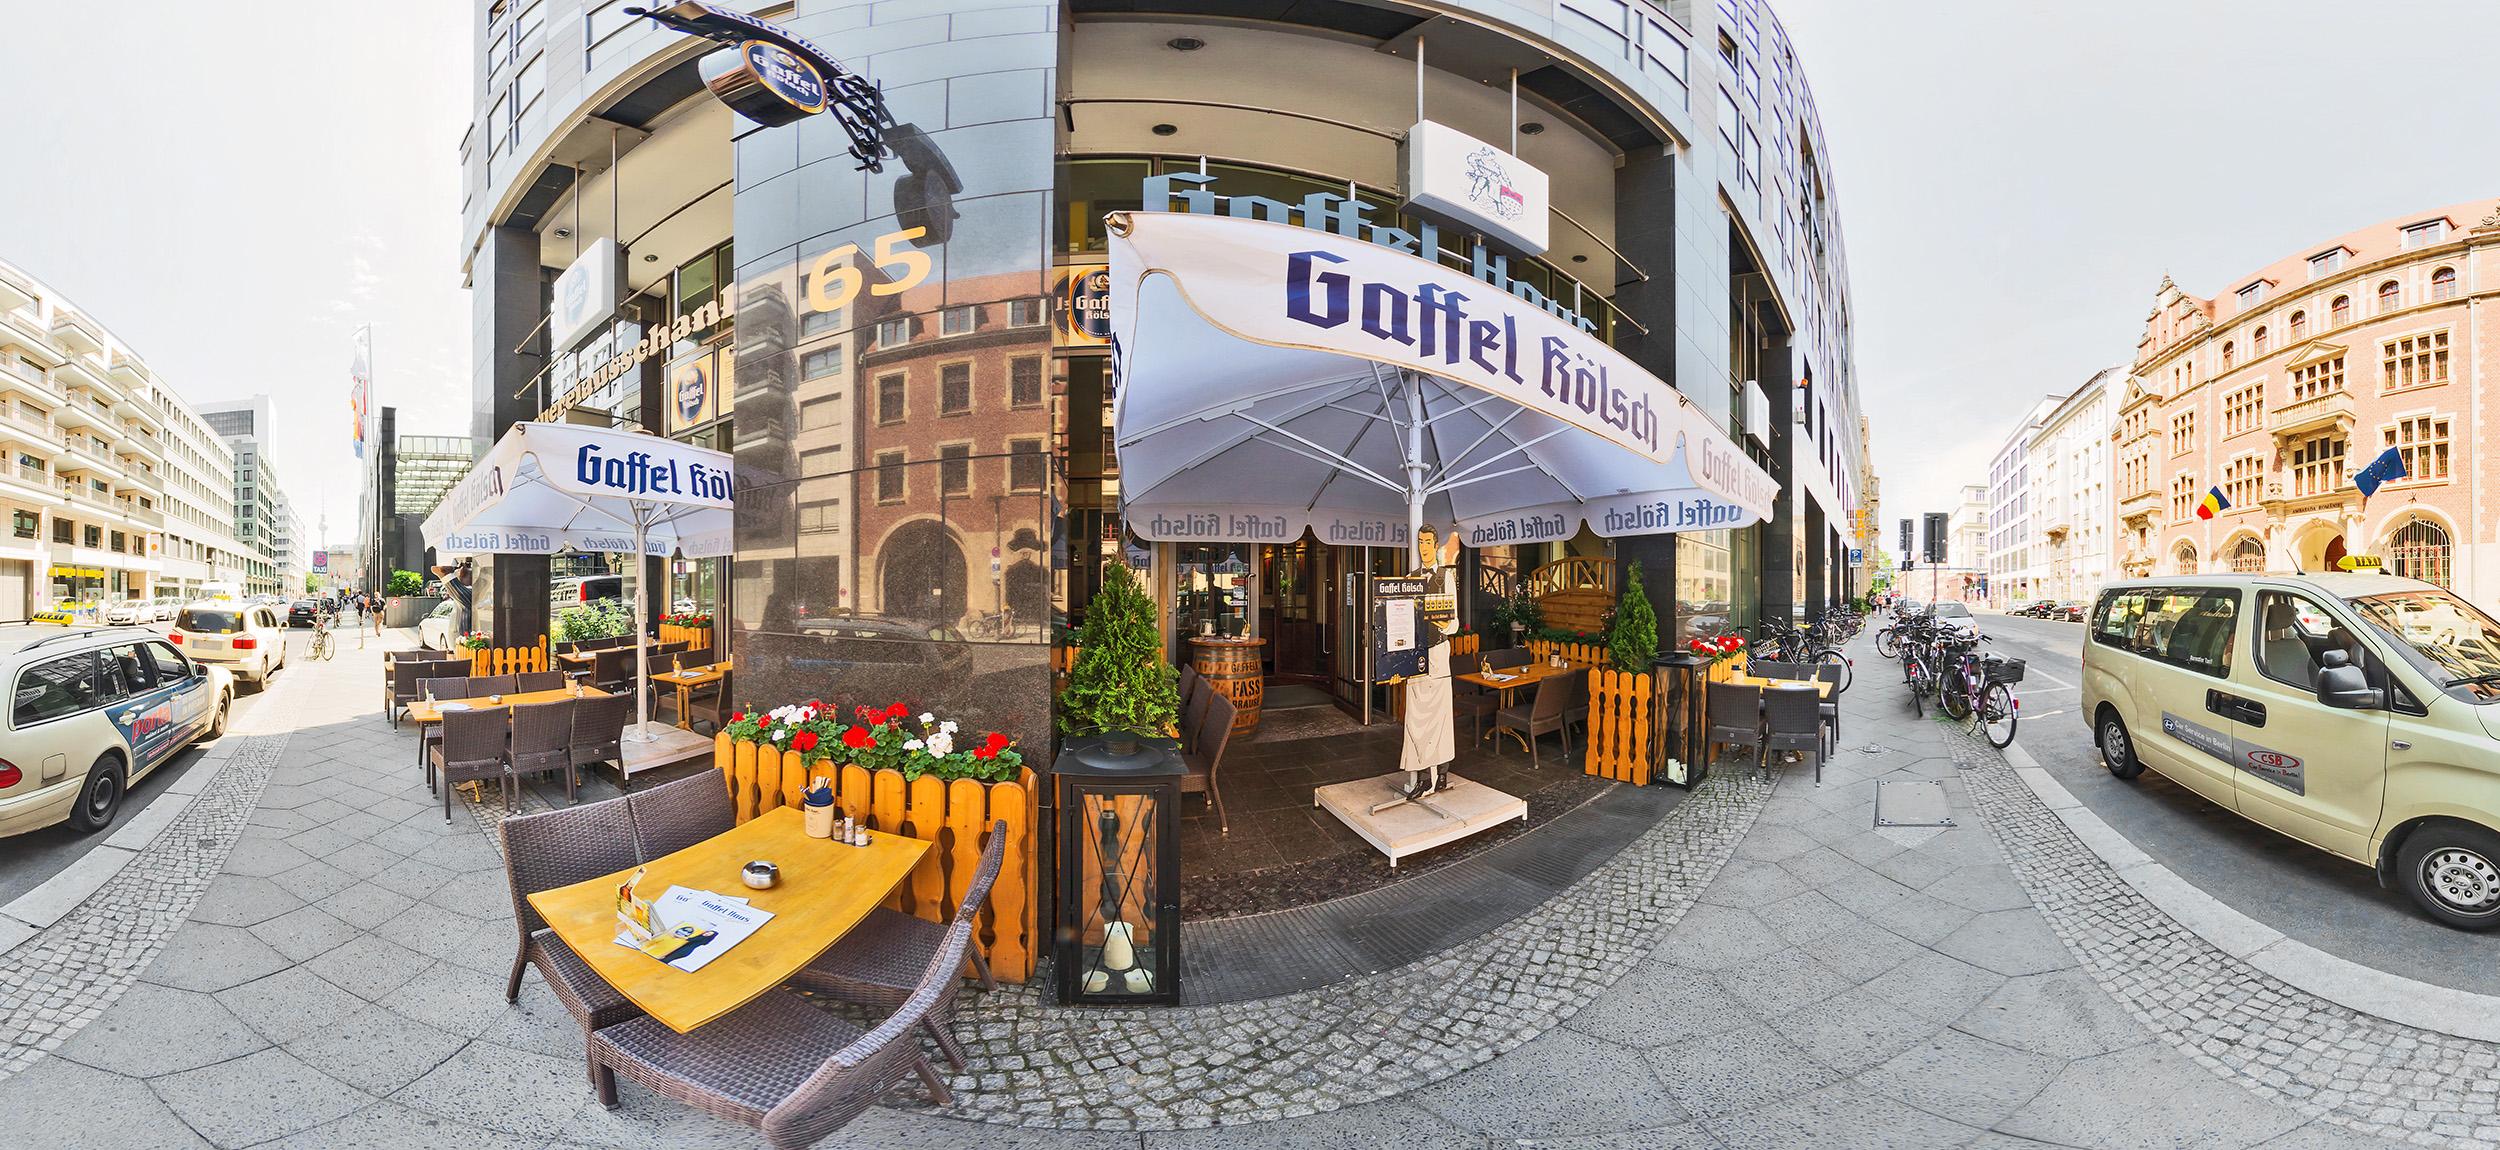 Gaffel Haus Berlin an der Friedrichstraße - Kölsches Konsulat